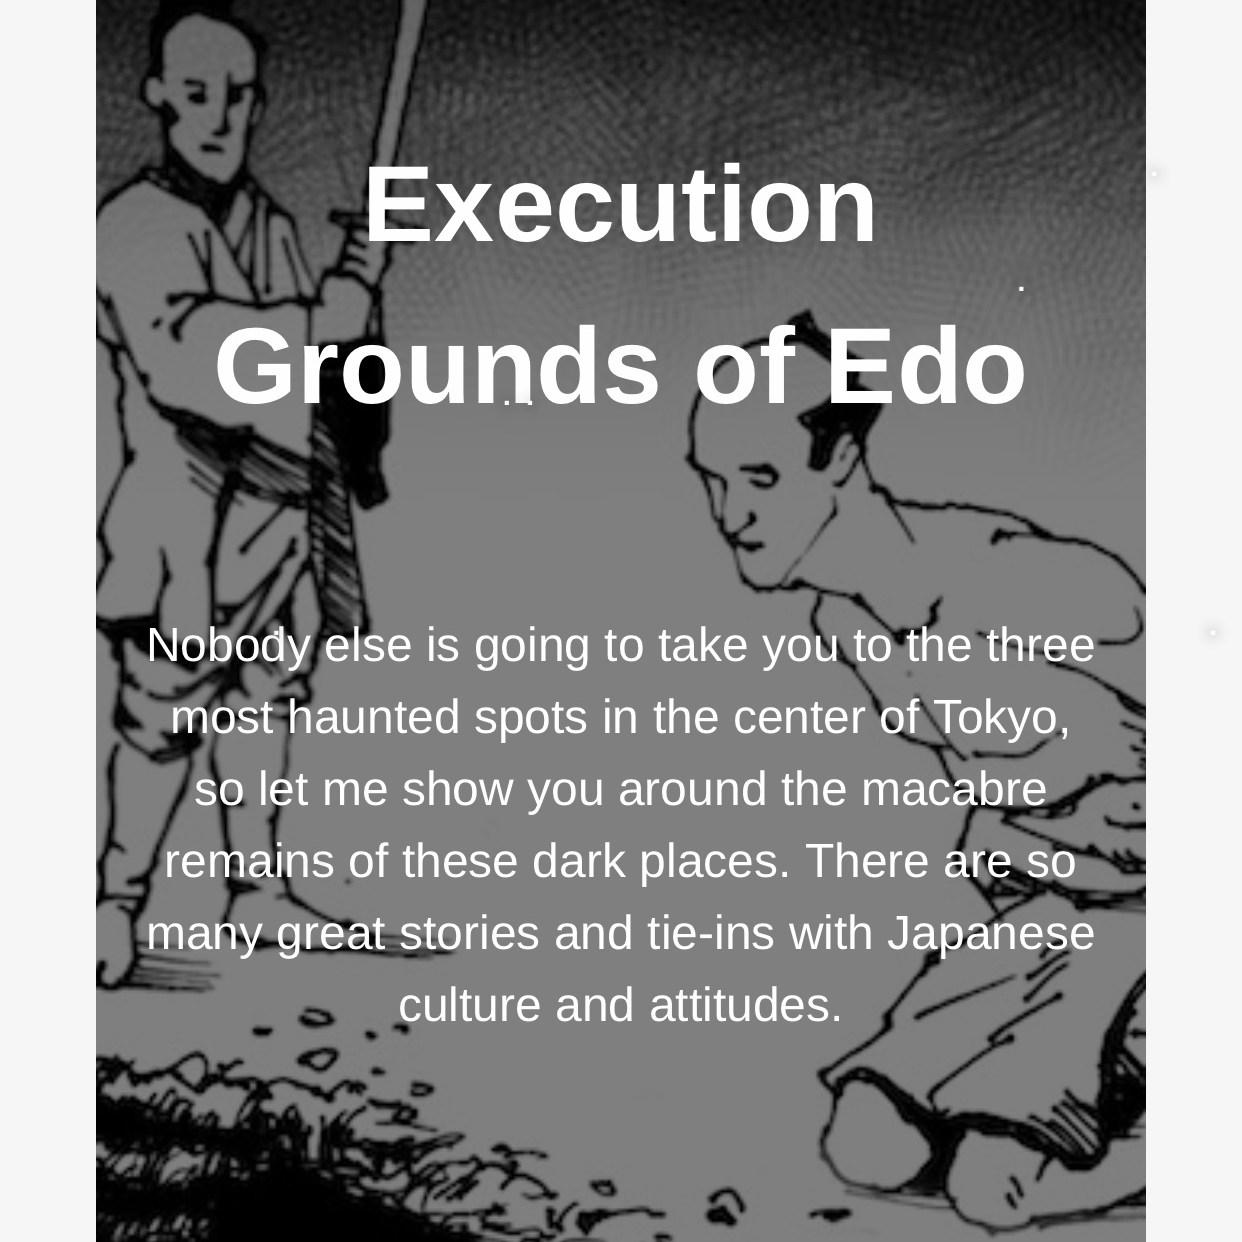 Tokyo Execution Grounds